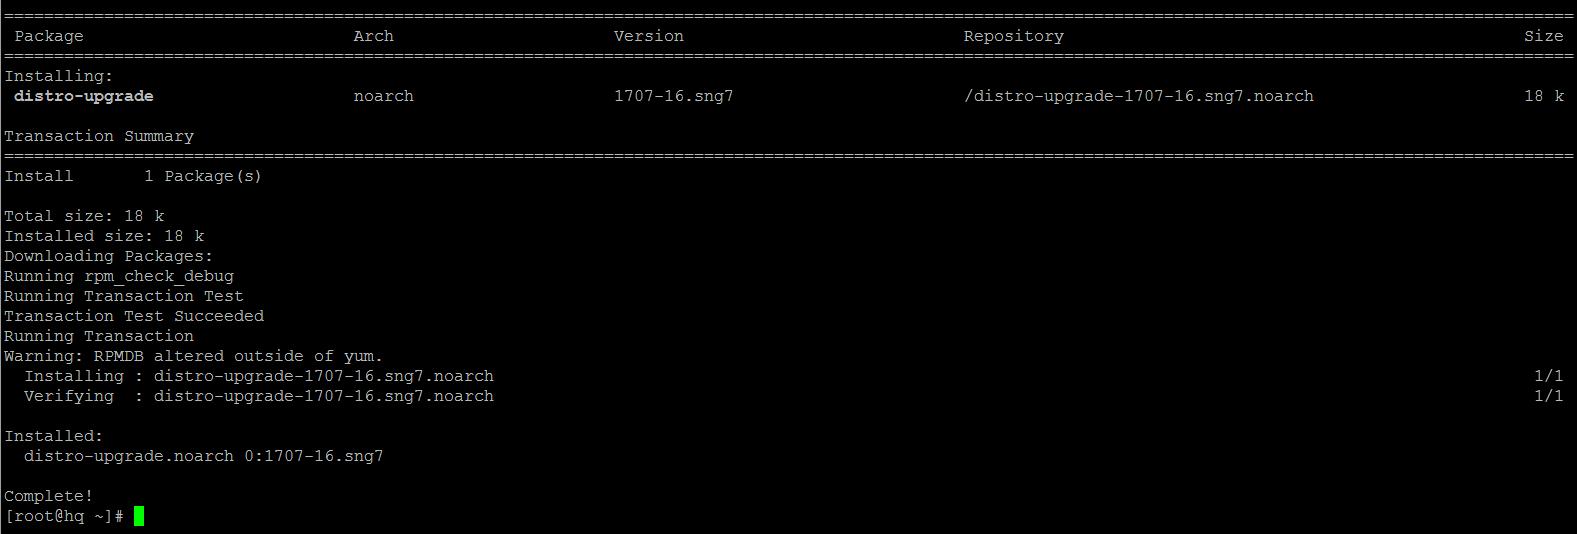 Установка RPM для апгрейда фрипбкс до 14 версии